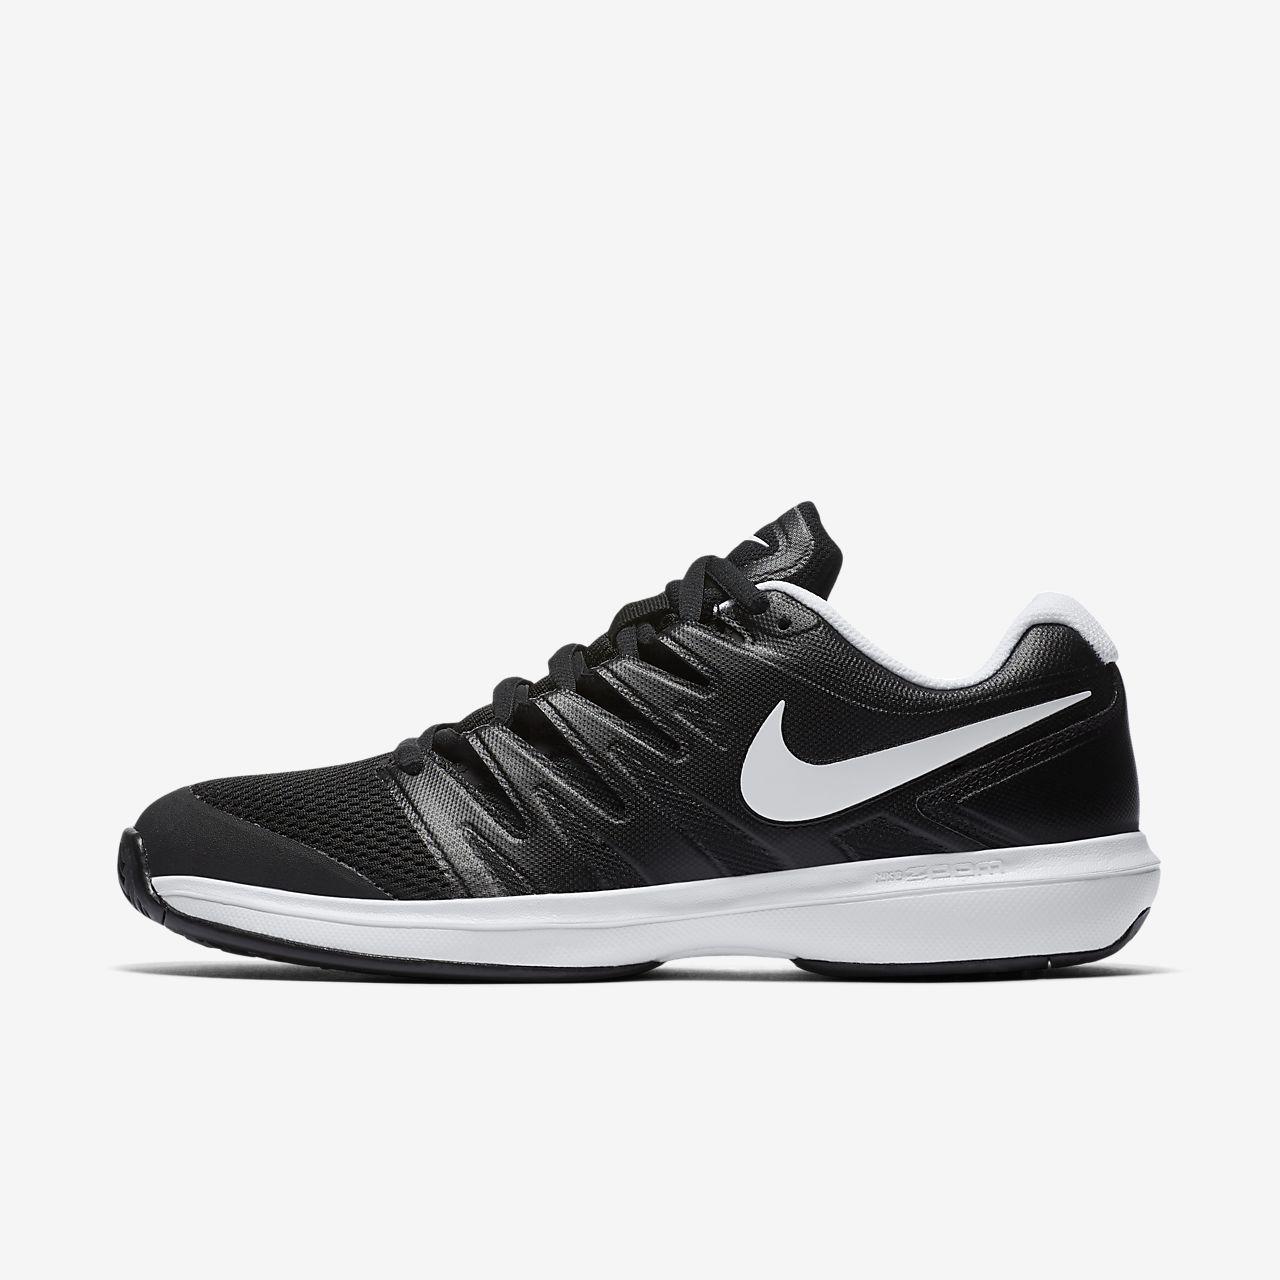 lowest price 34da5 88638 ... Tennissko NikeCourt Air Zoom Prestige Hard Court för män